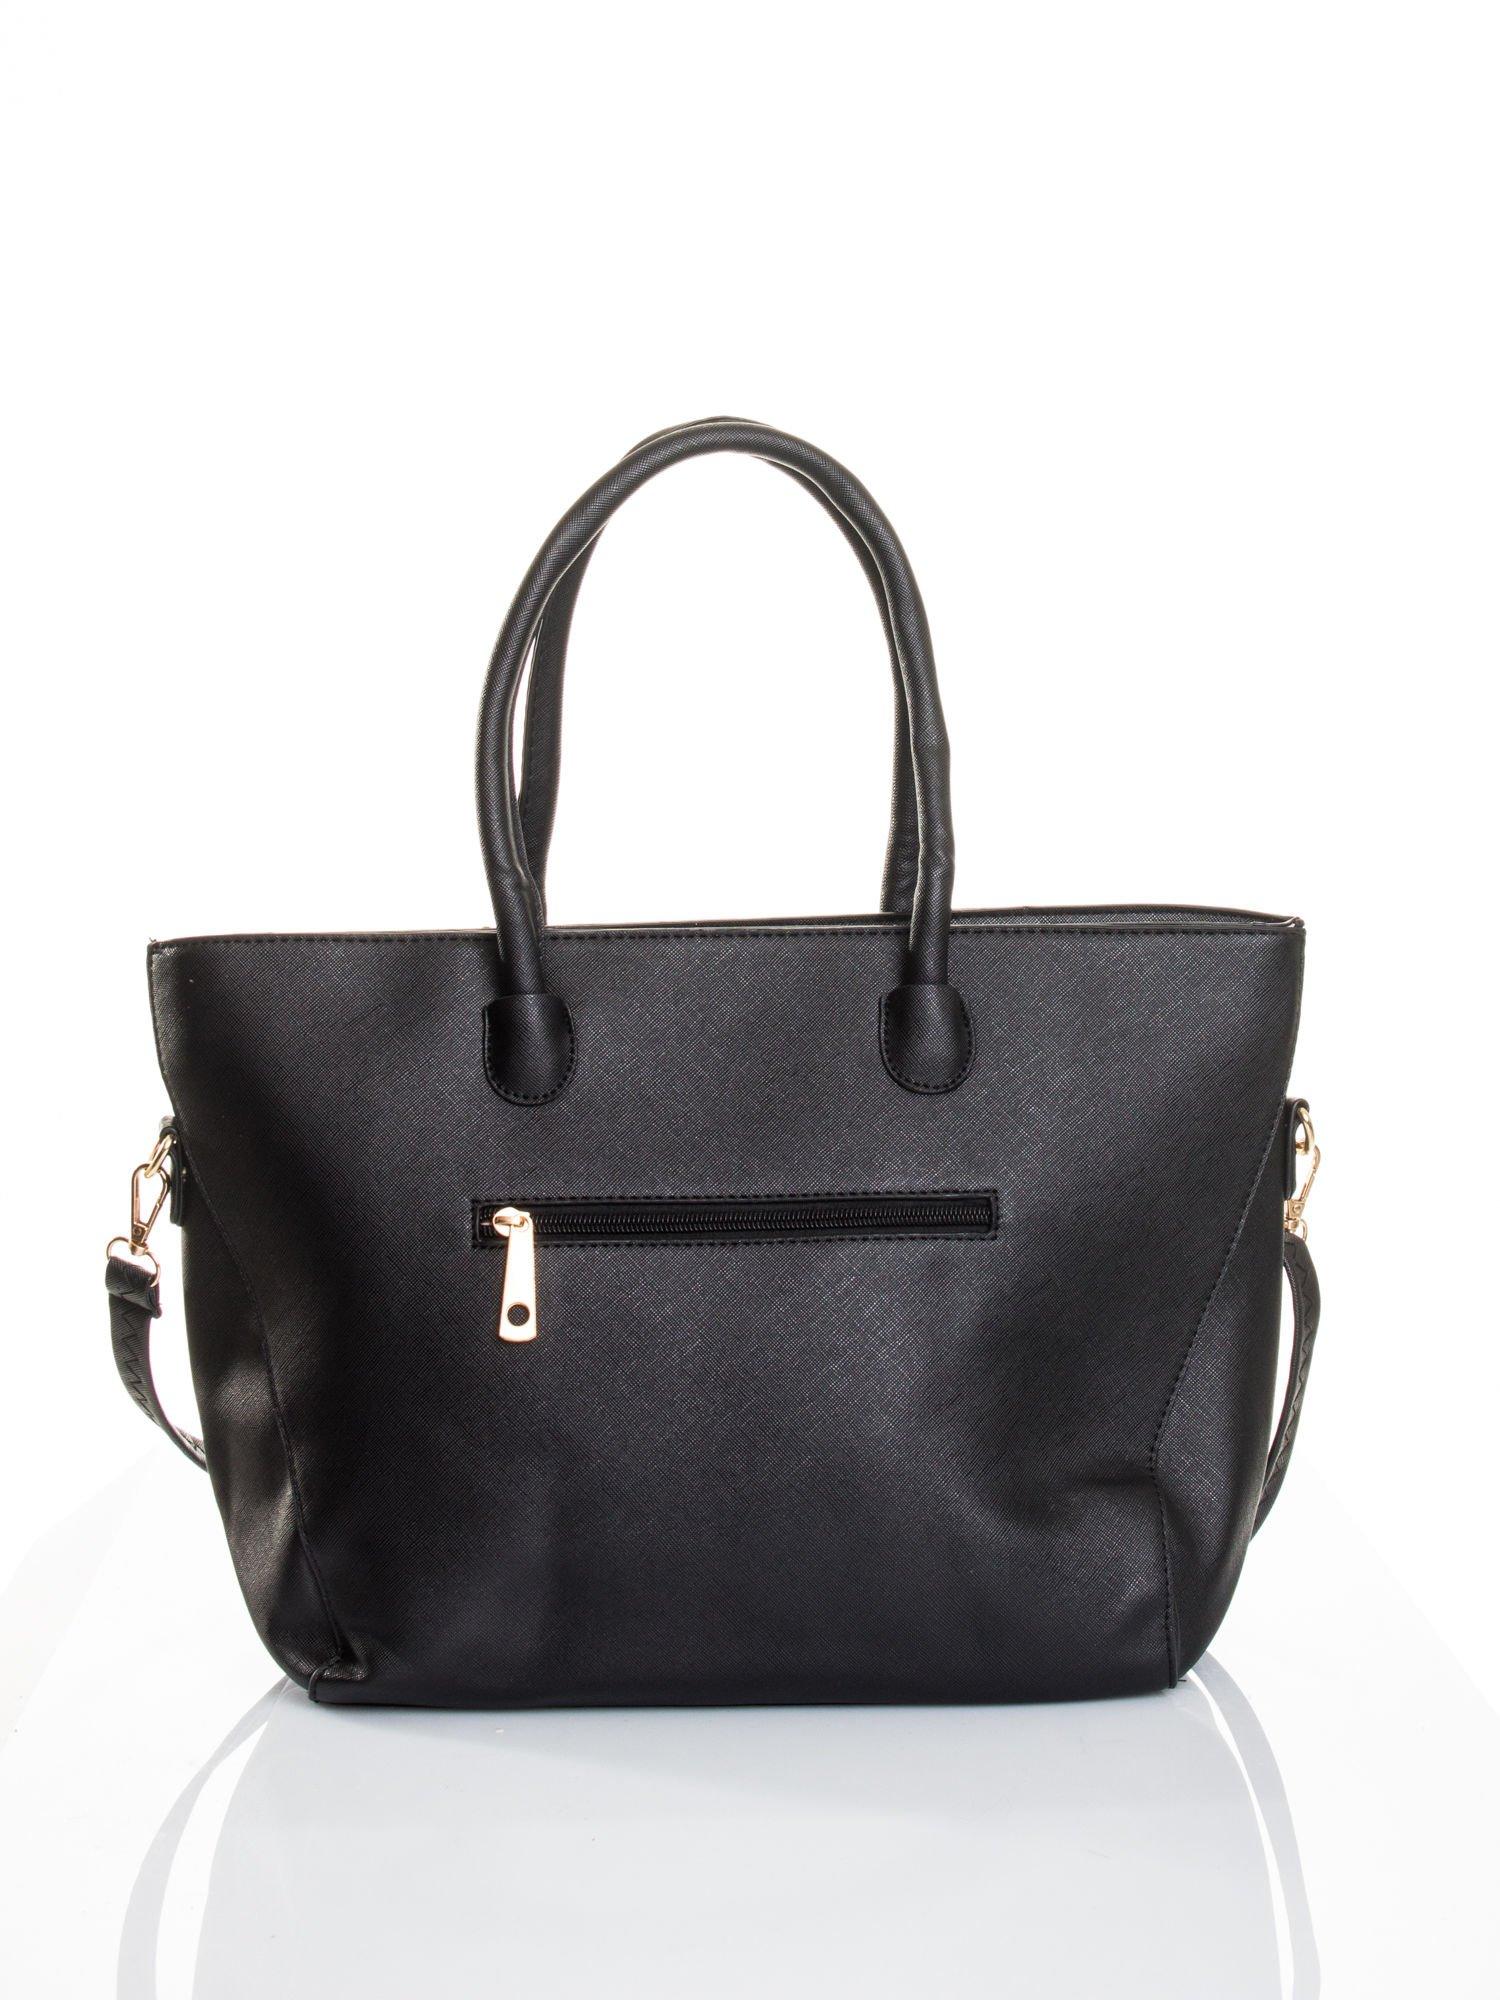 Czarna torba shopper efekt saffiano                                  zdj.                                  2